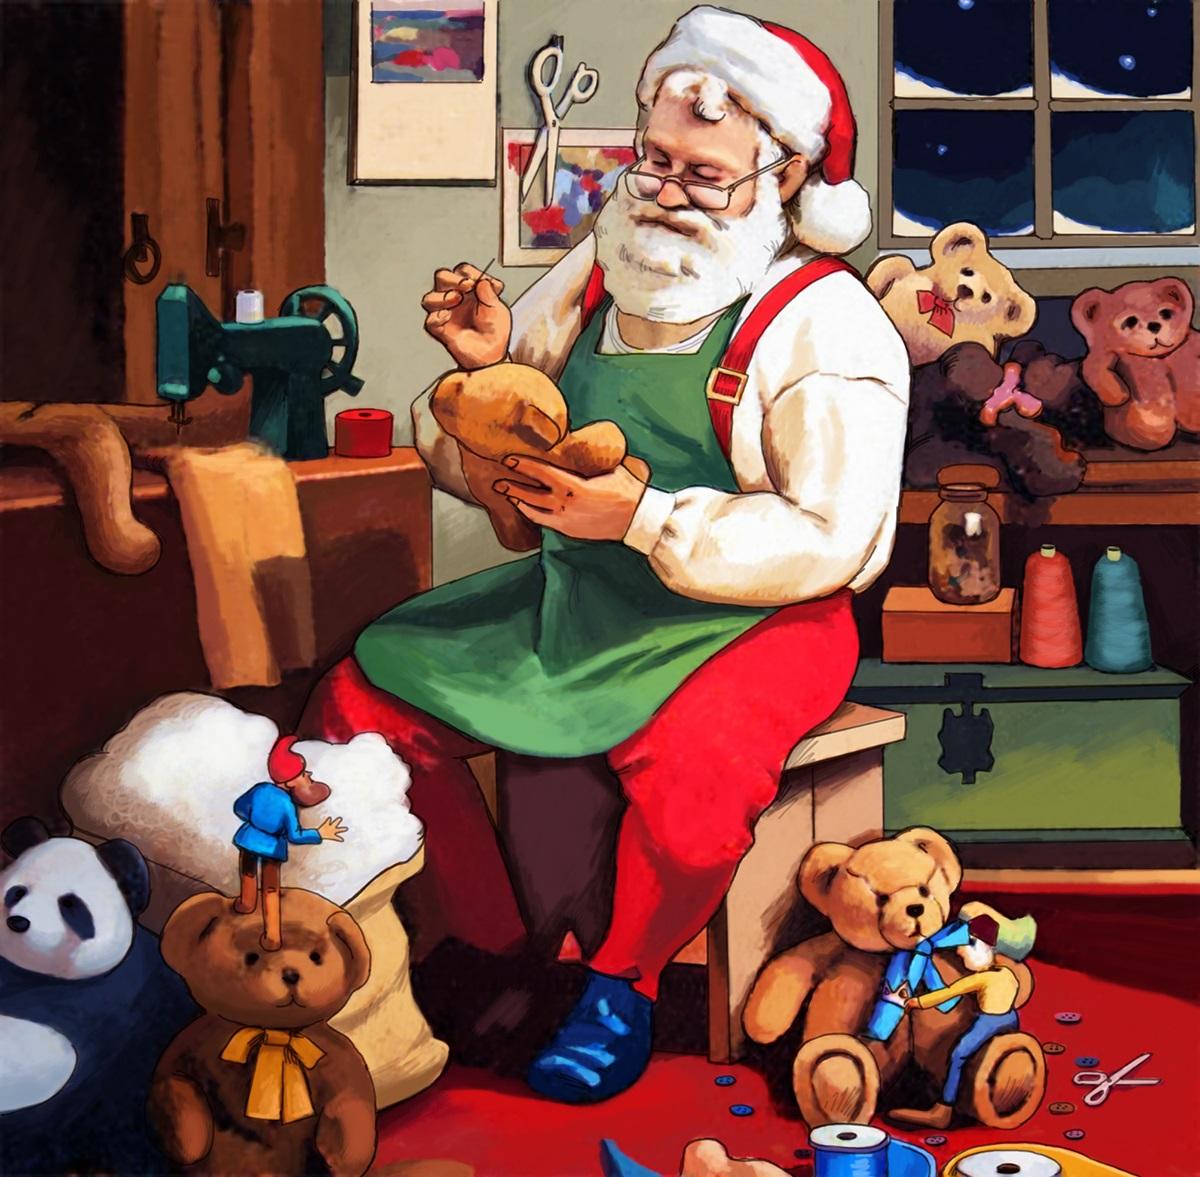 Салфетки бумажные Gratias Дед Мороз, трехслойные, 33 х 33 см, 20 шт19201Трехслойные бумажные салфетки Gratias Дед Мороз, выполненные из натуральной целлюлозы, станут отличным дополнением любого праздничного стола. Они отличаются необычной мягкостью и прочностью. Размер листа: 33 х 33 см. Количество слоев: 3.